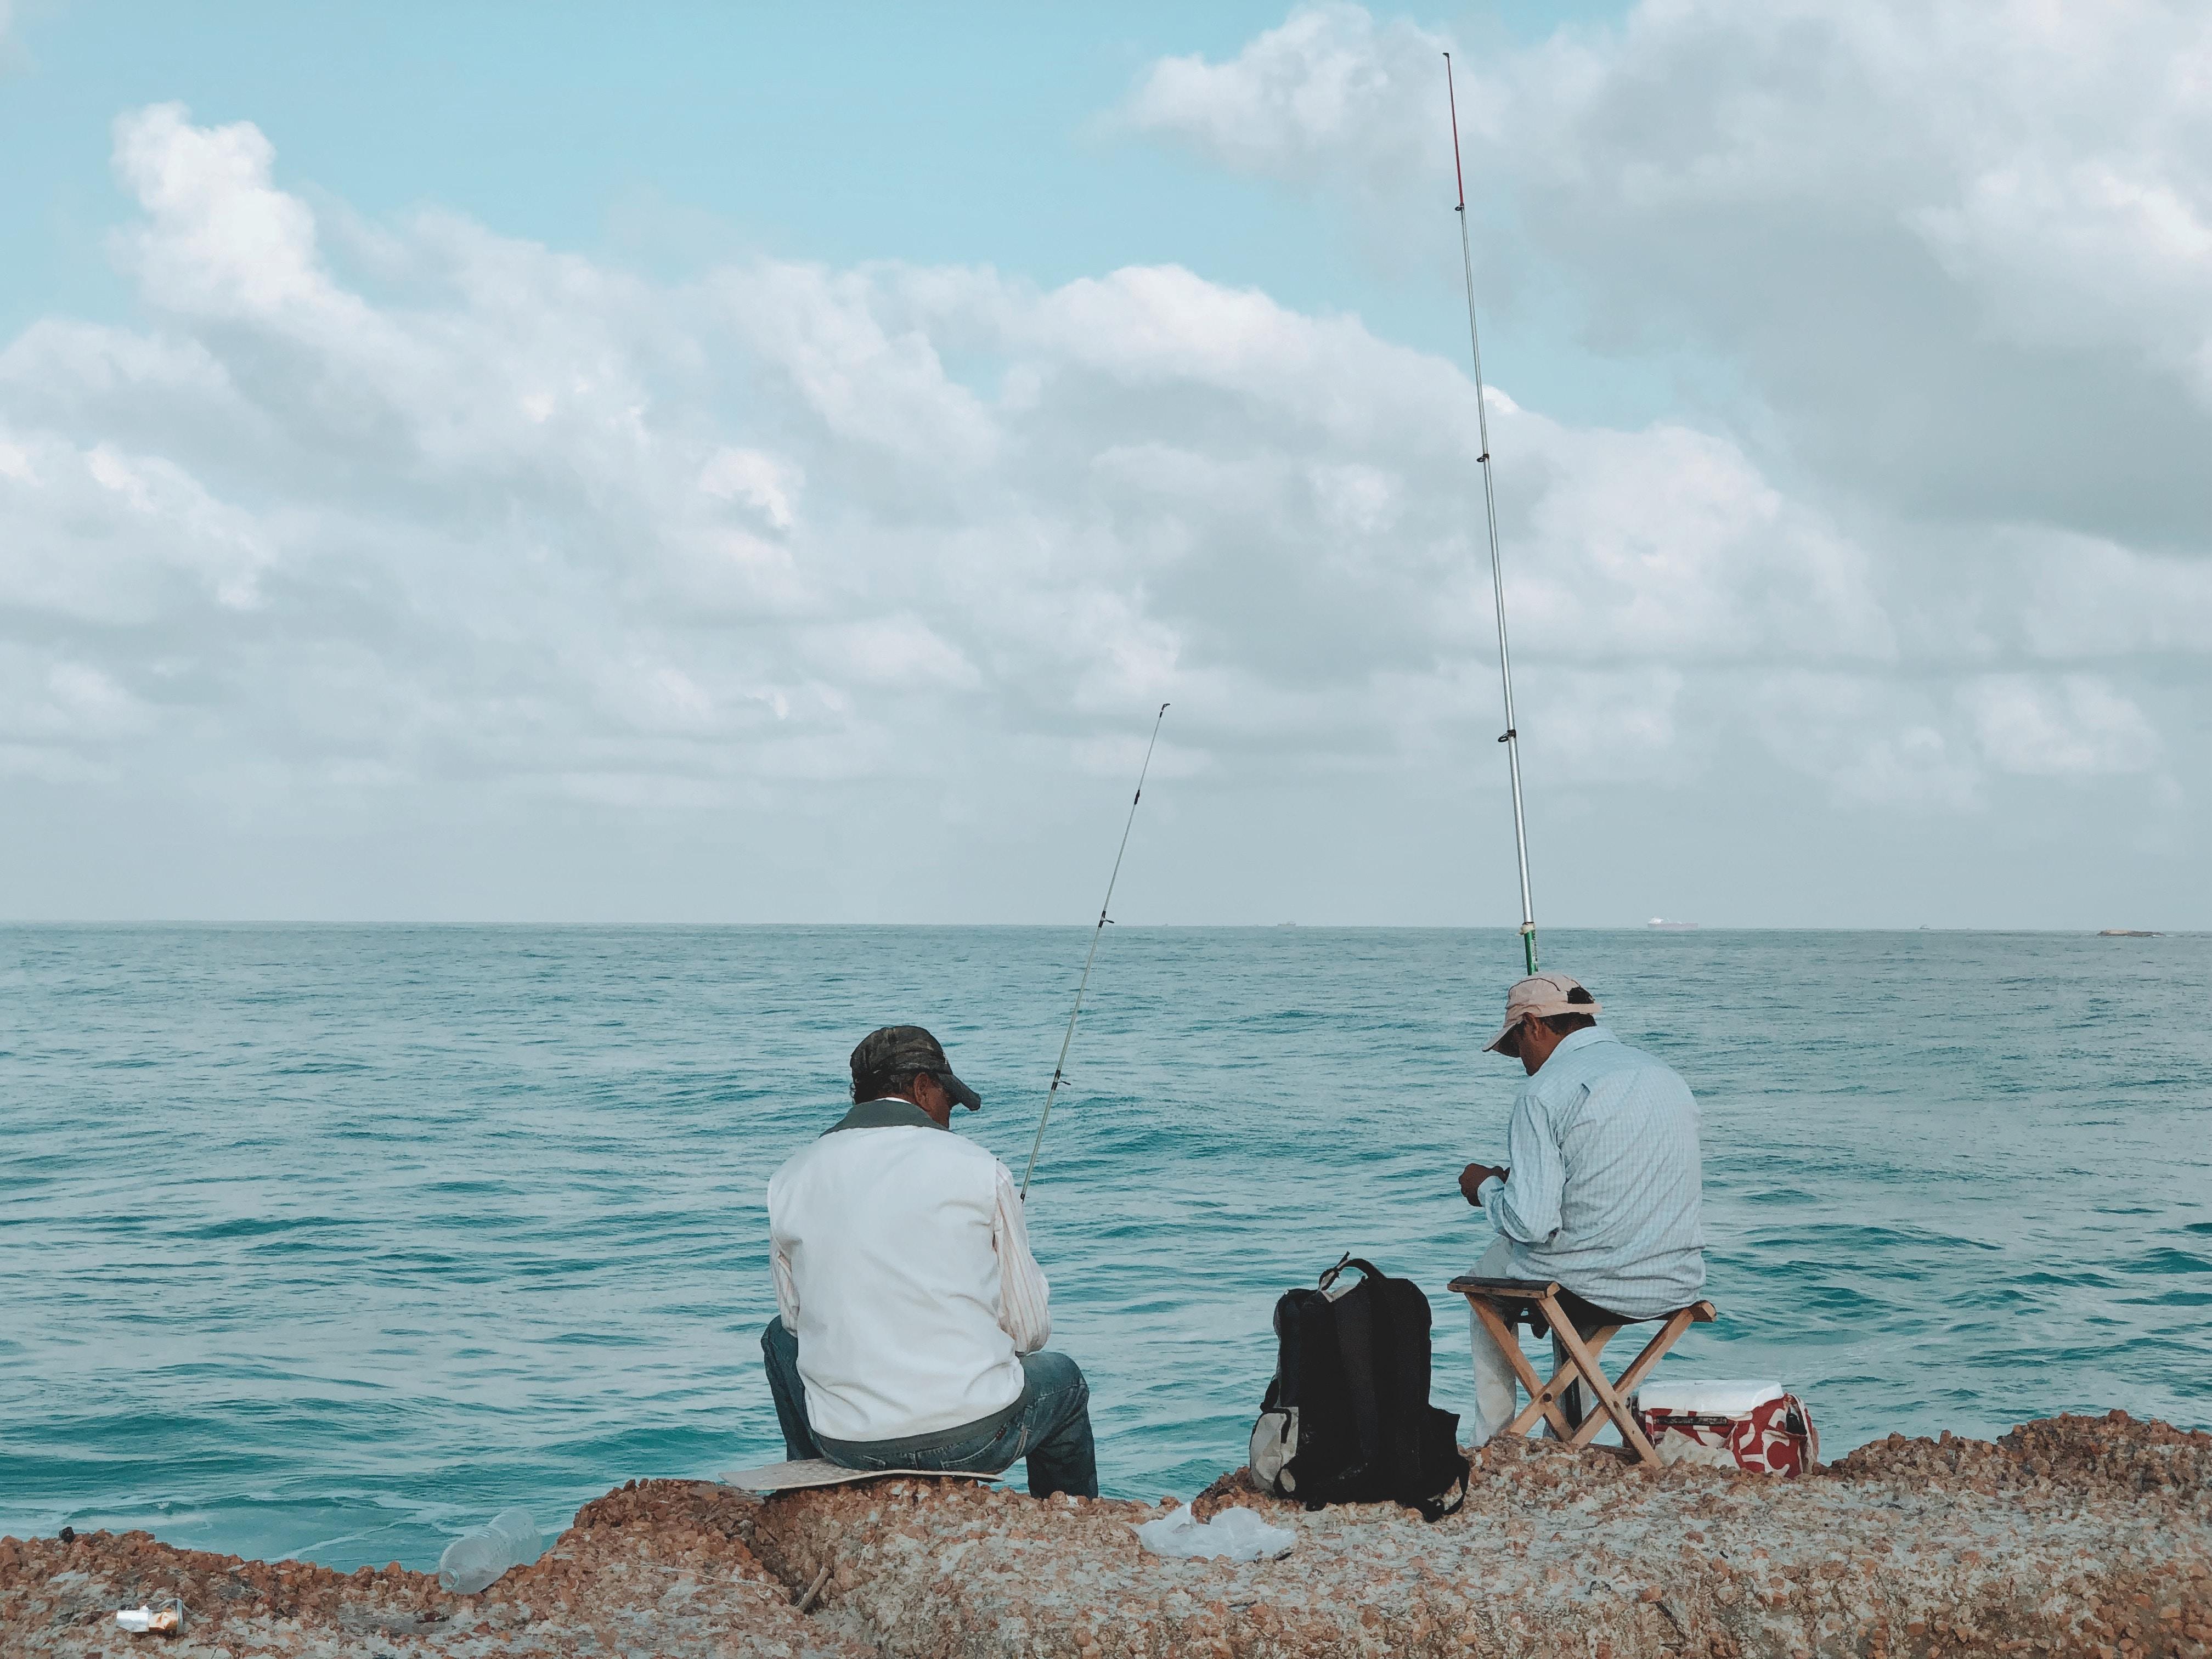 two man fishing on sea